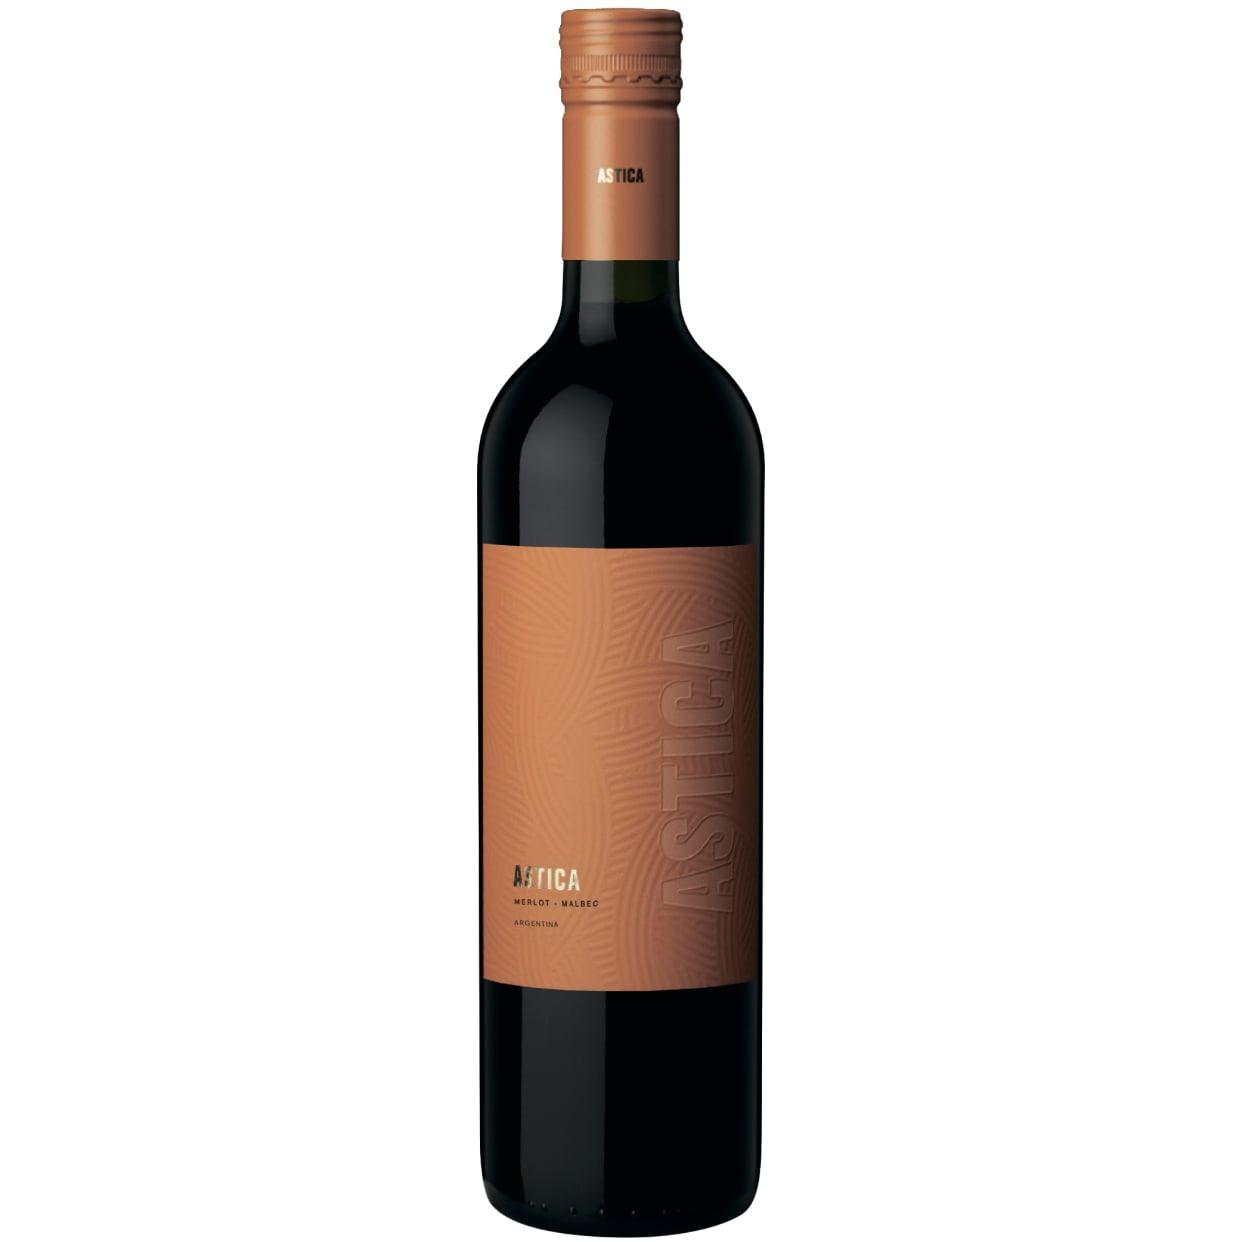 Вино Трапіче Астіка Мерло-Мальбек (0.75л)